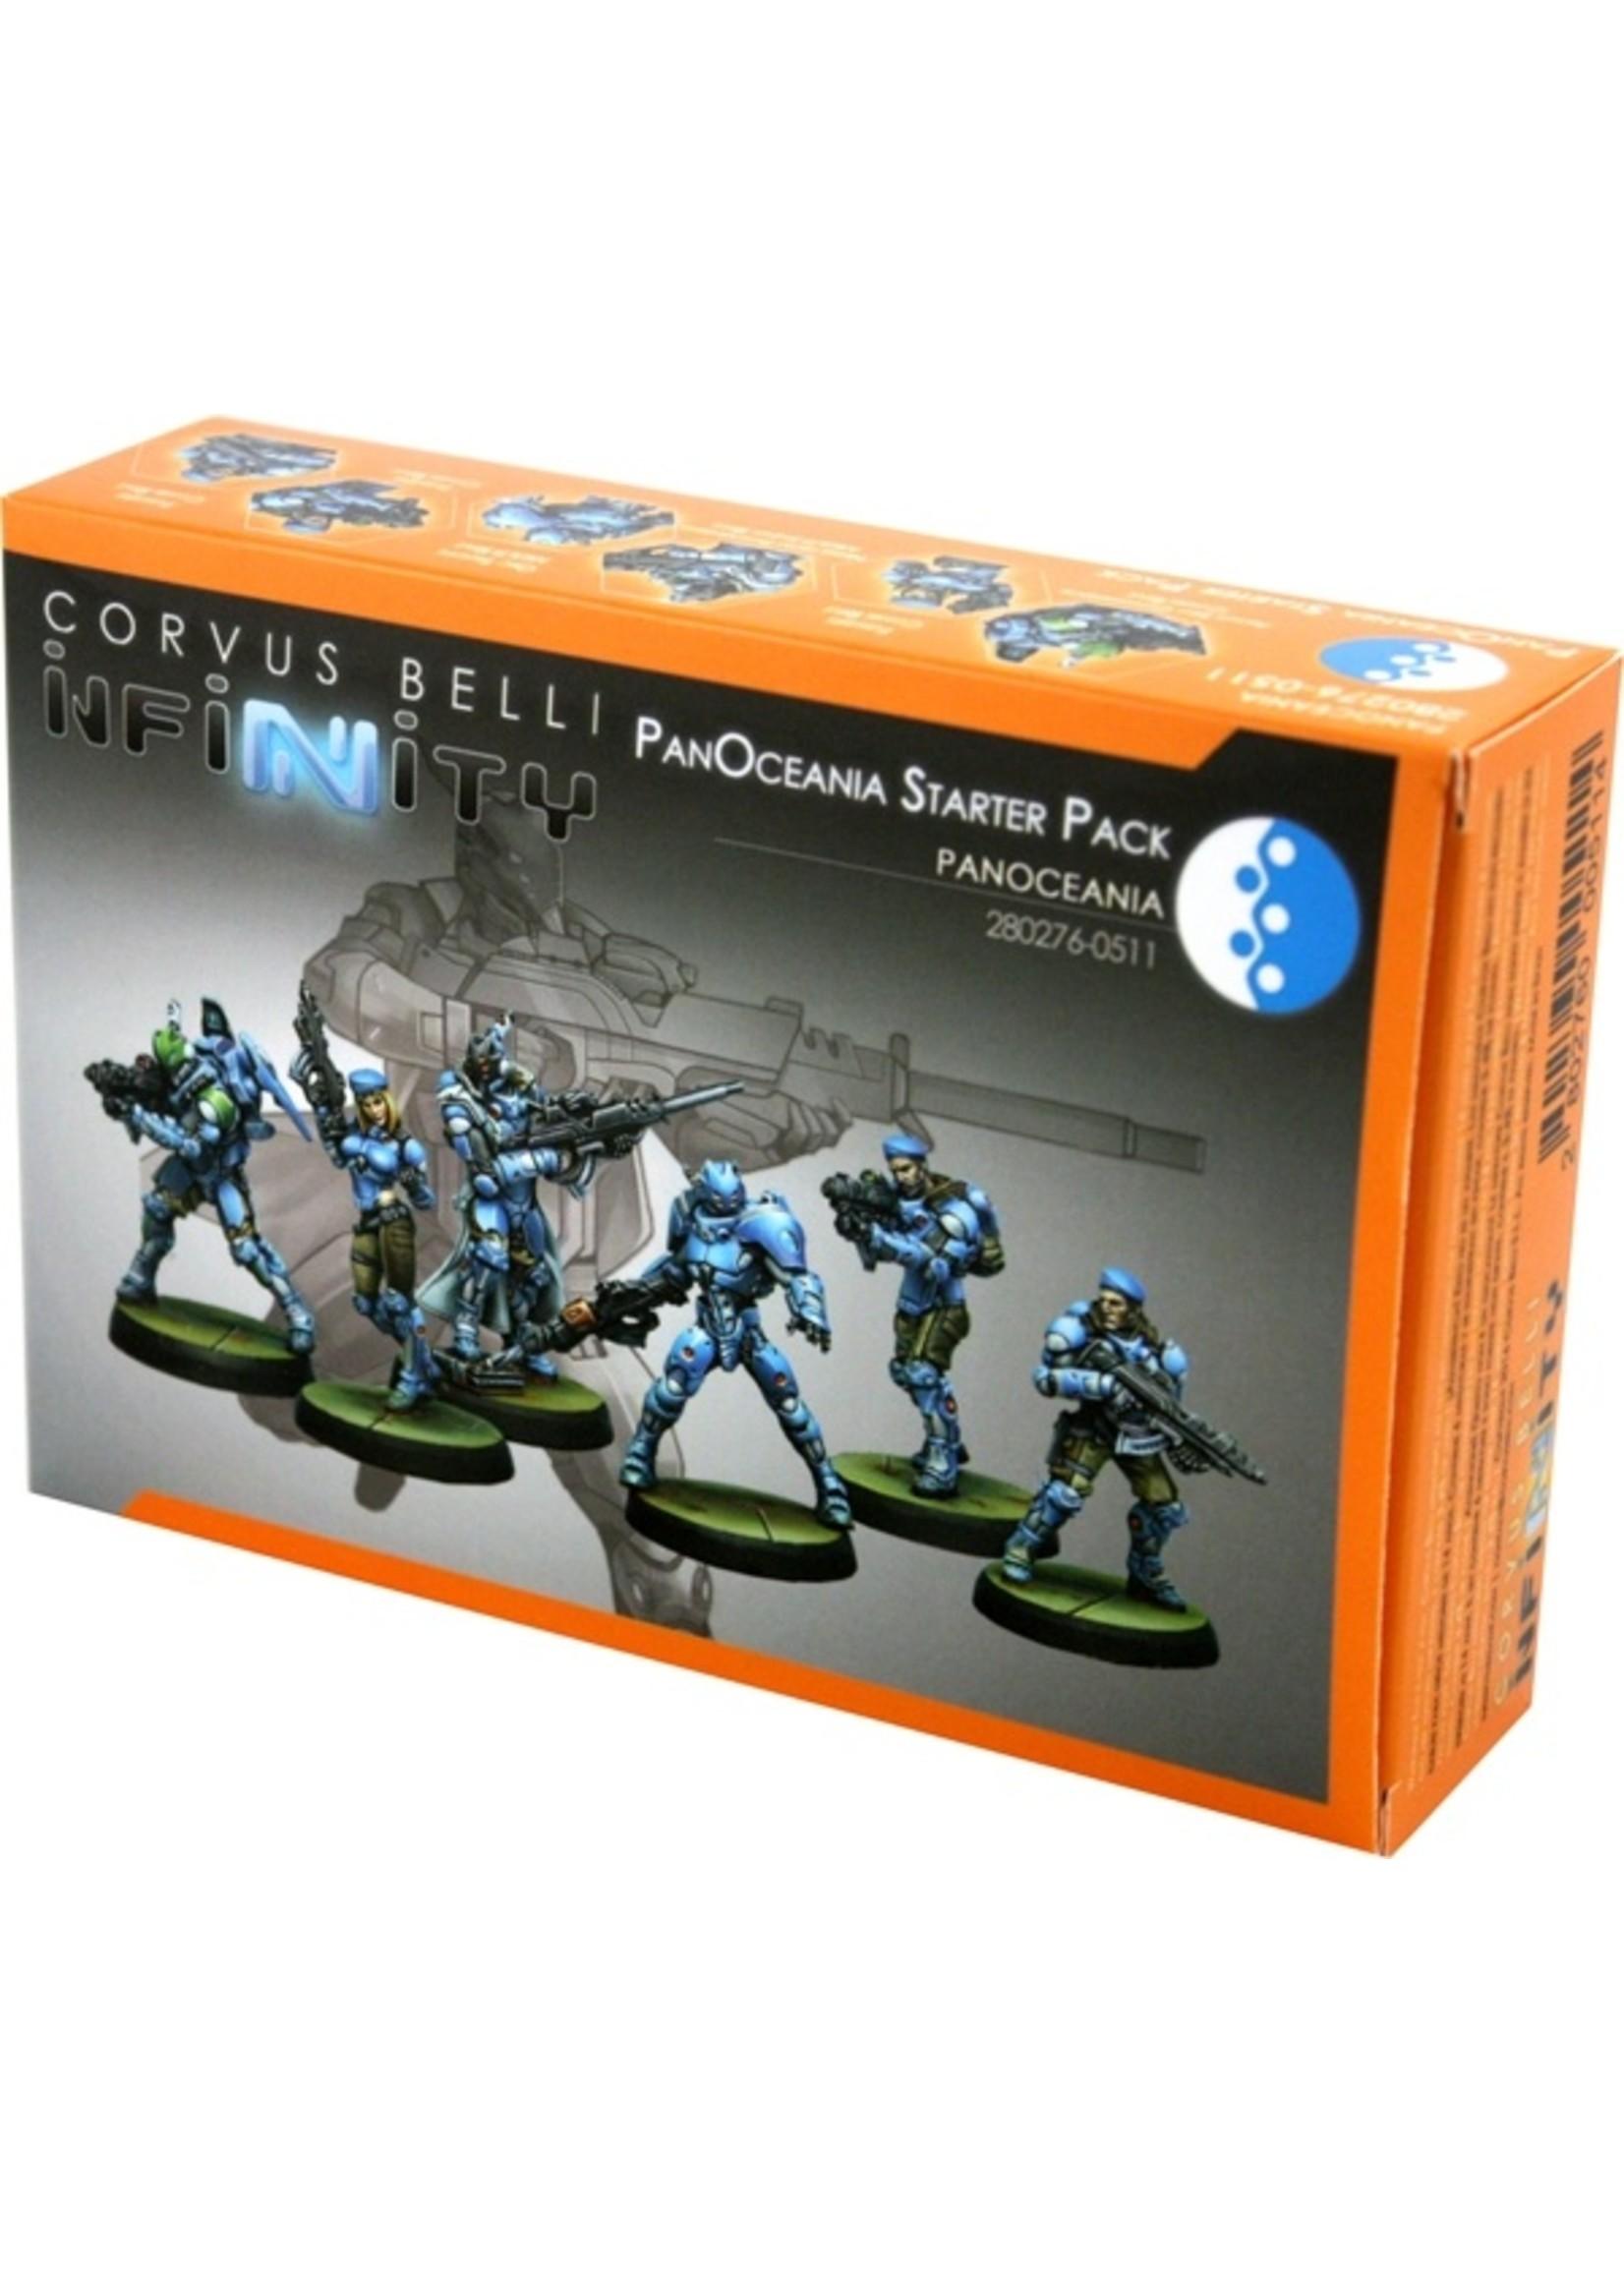 Corvus Belli Corvus Belli Infinity PanOceania Starter Pack